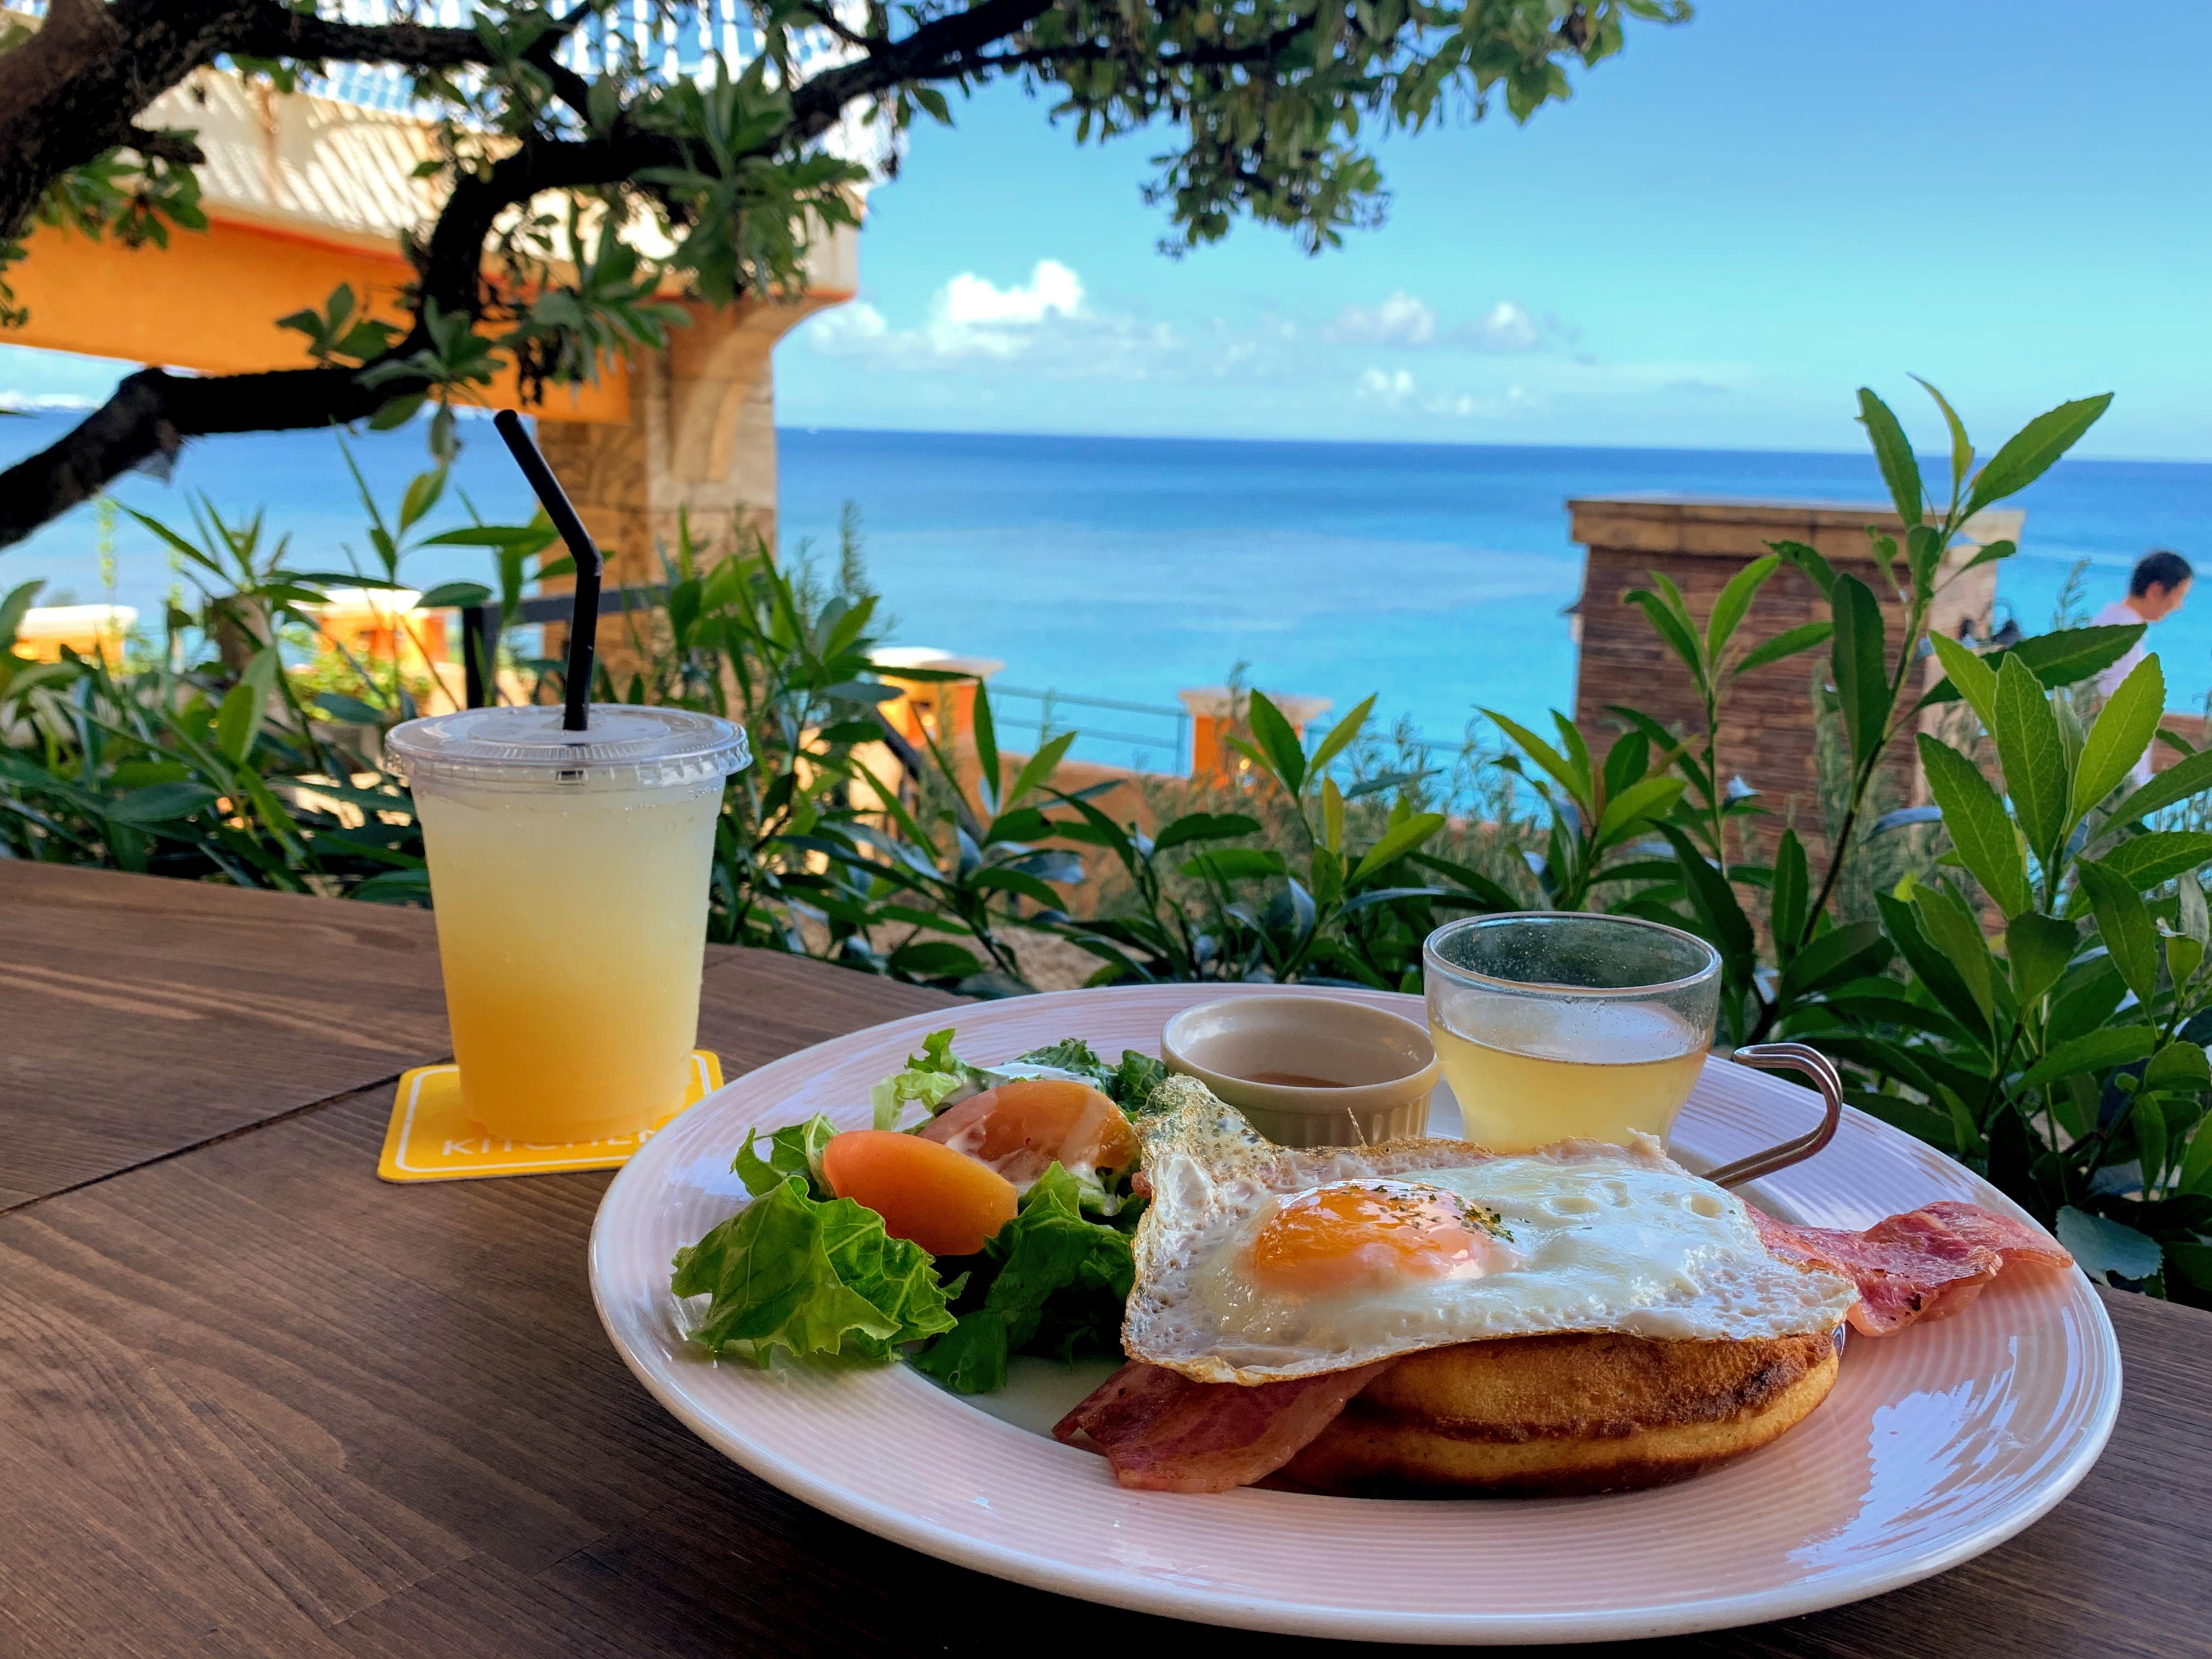 憧れの海を眺めながら仕事。沖縄でワーケーションするならコワーキングスペースhowlive!